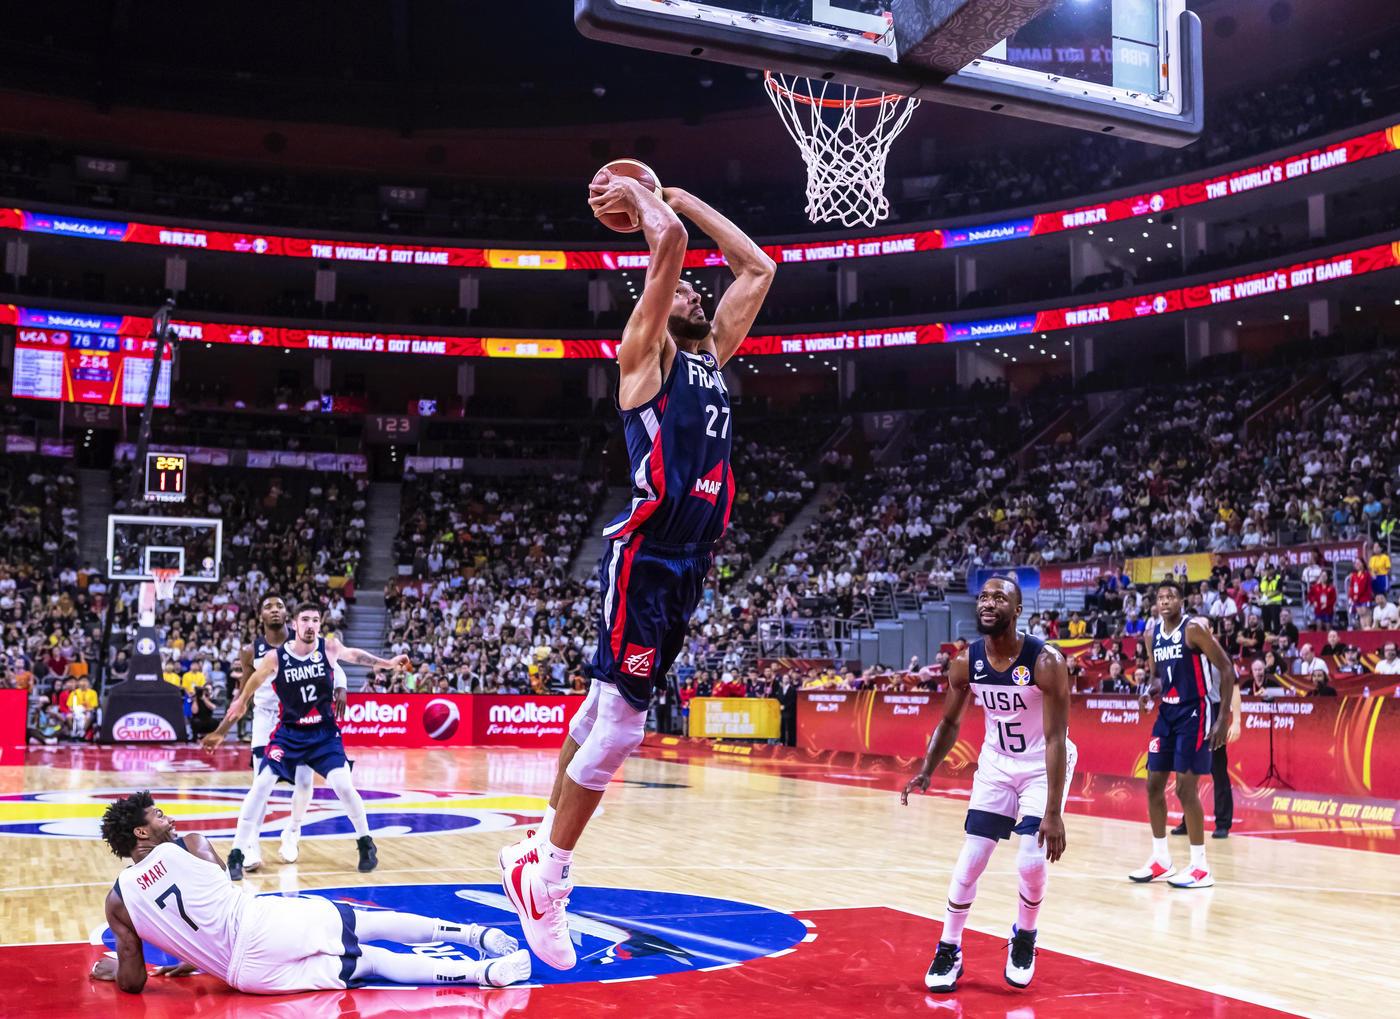 Баскетбол без США впервые за 13 лет. Каким он будет? - фото